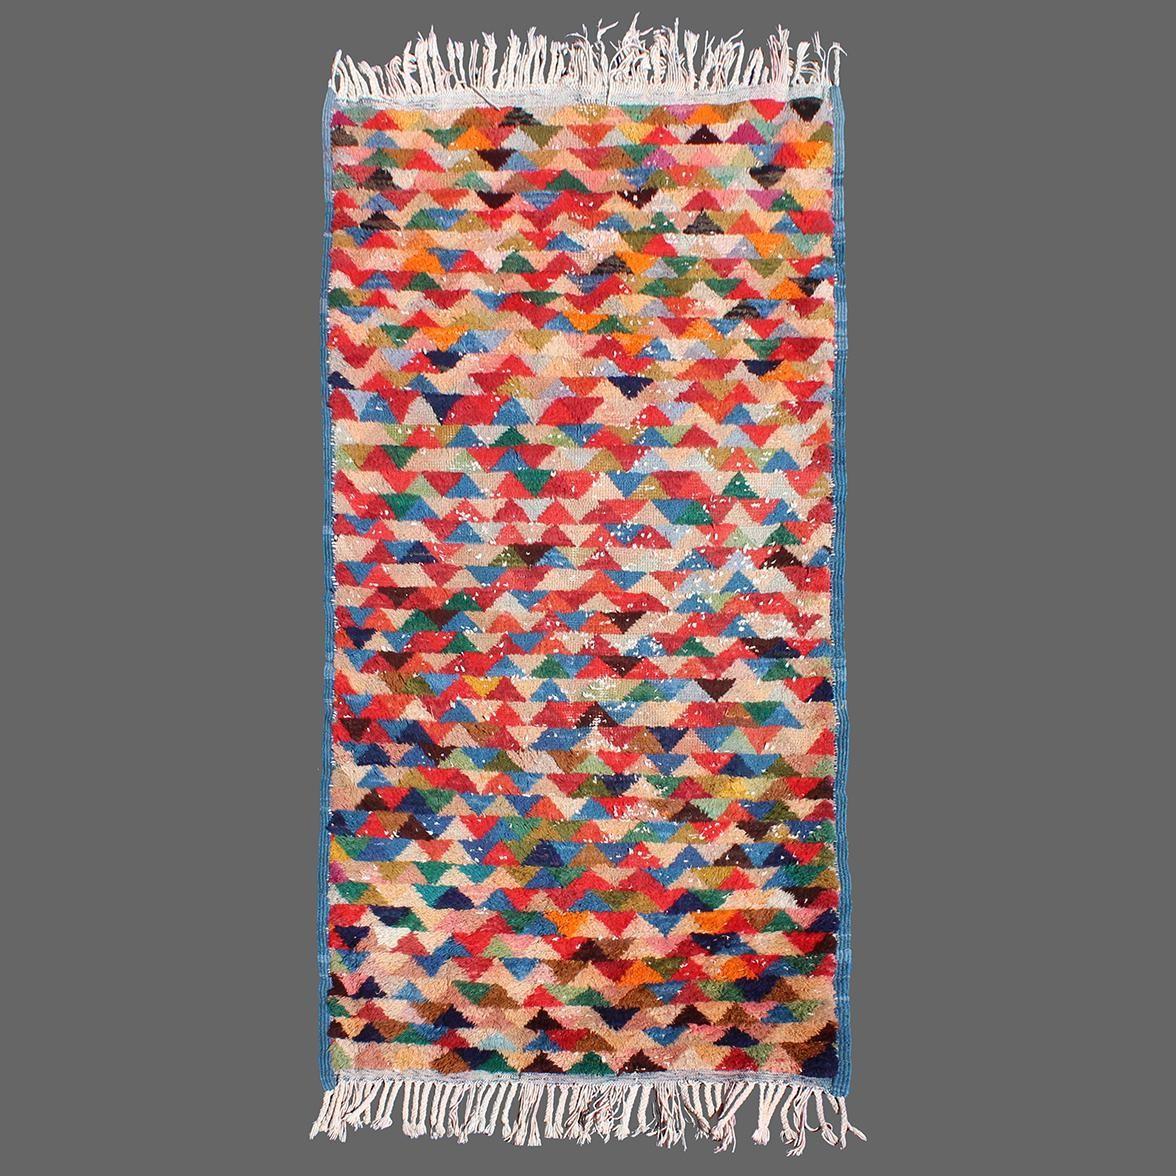 tapis de marmoucha tapis berb re meubles tapis tapis berbere et petit tapis. Black Bedroom Furniture Sets. Home Design Ideas